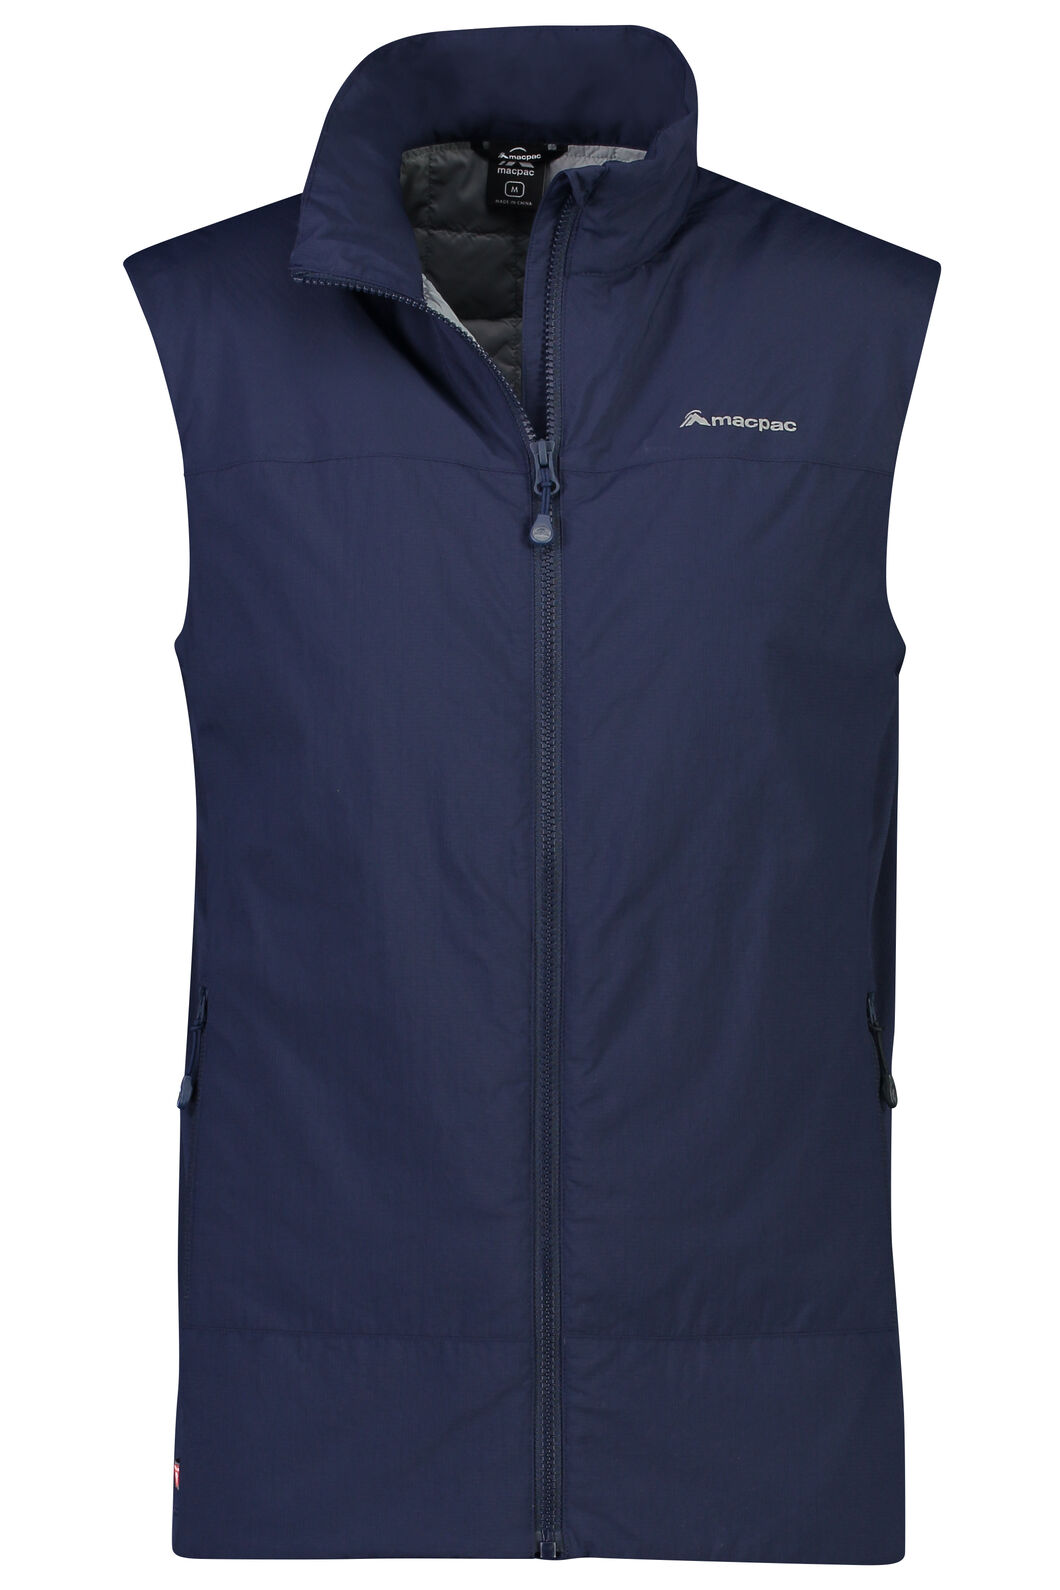 Ethos PrimaLoft® Vest - Men's, Black Iris, hi-res